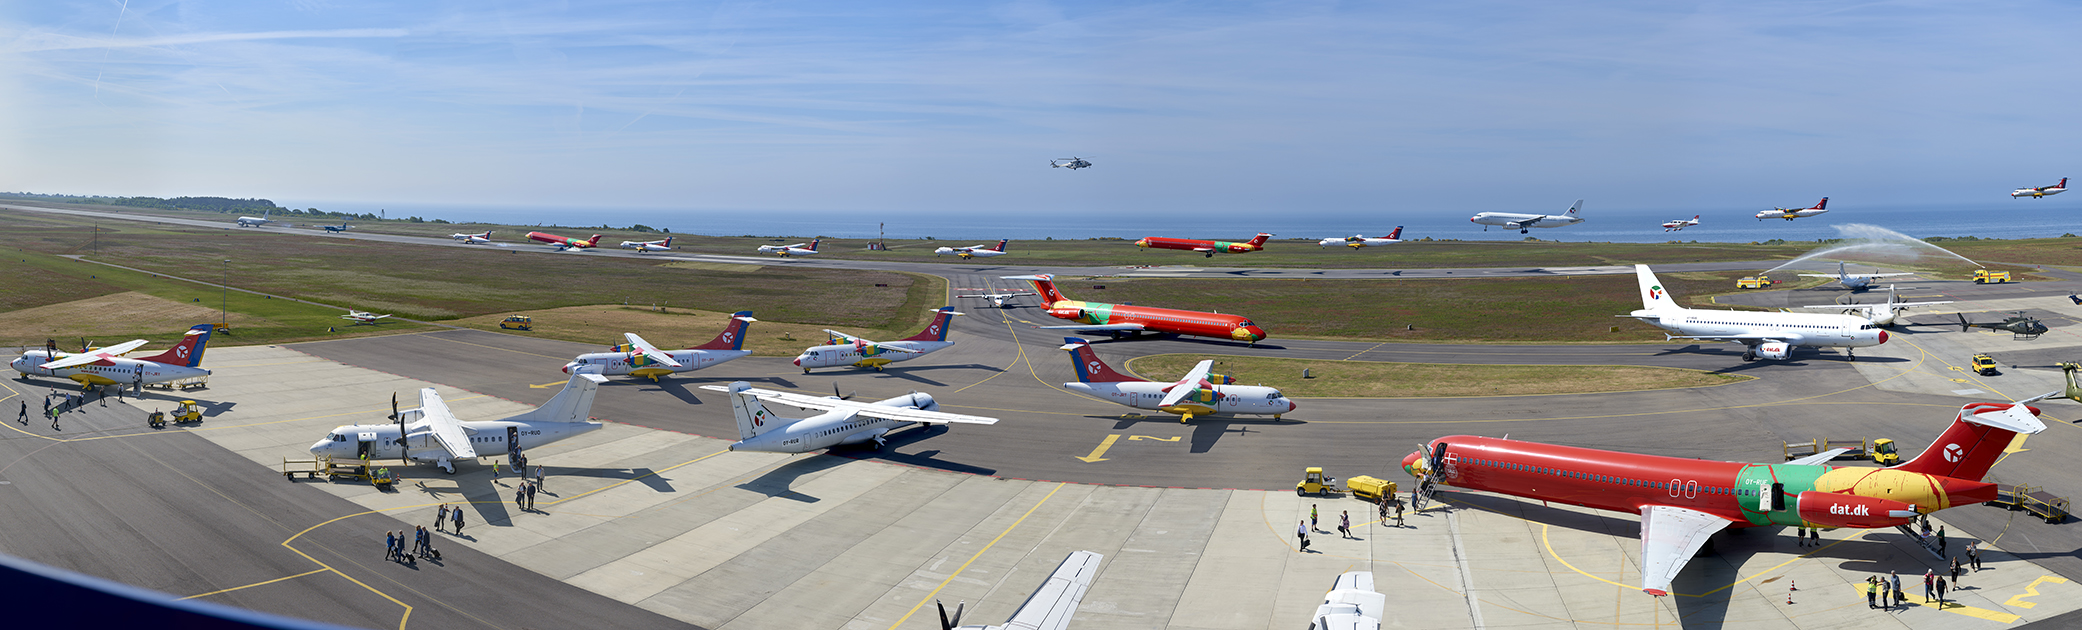 Travlhed i Bornholms Lufthavn under Folkemødet. (Fotoarbejde: Per Frost)